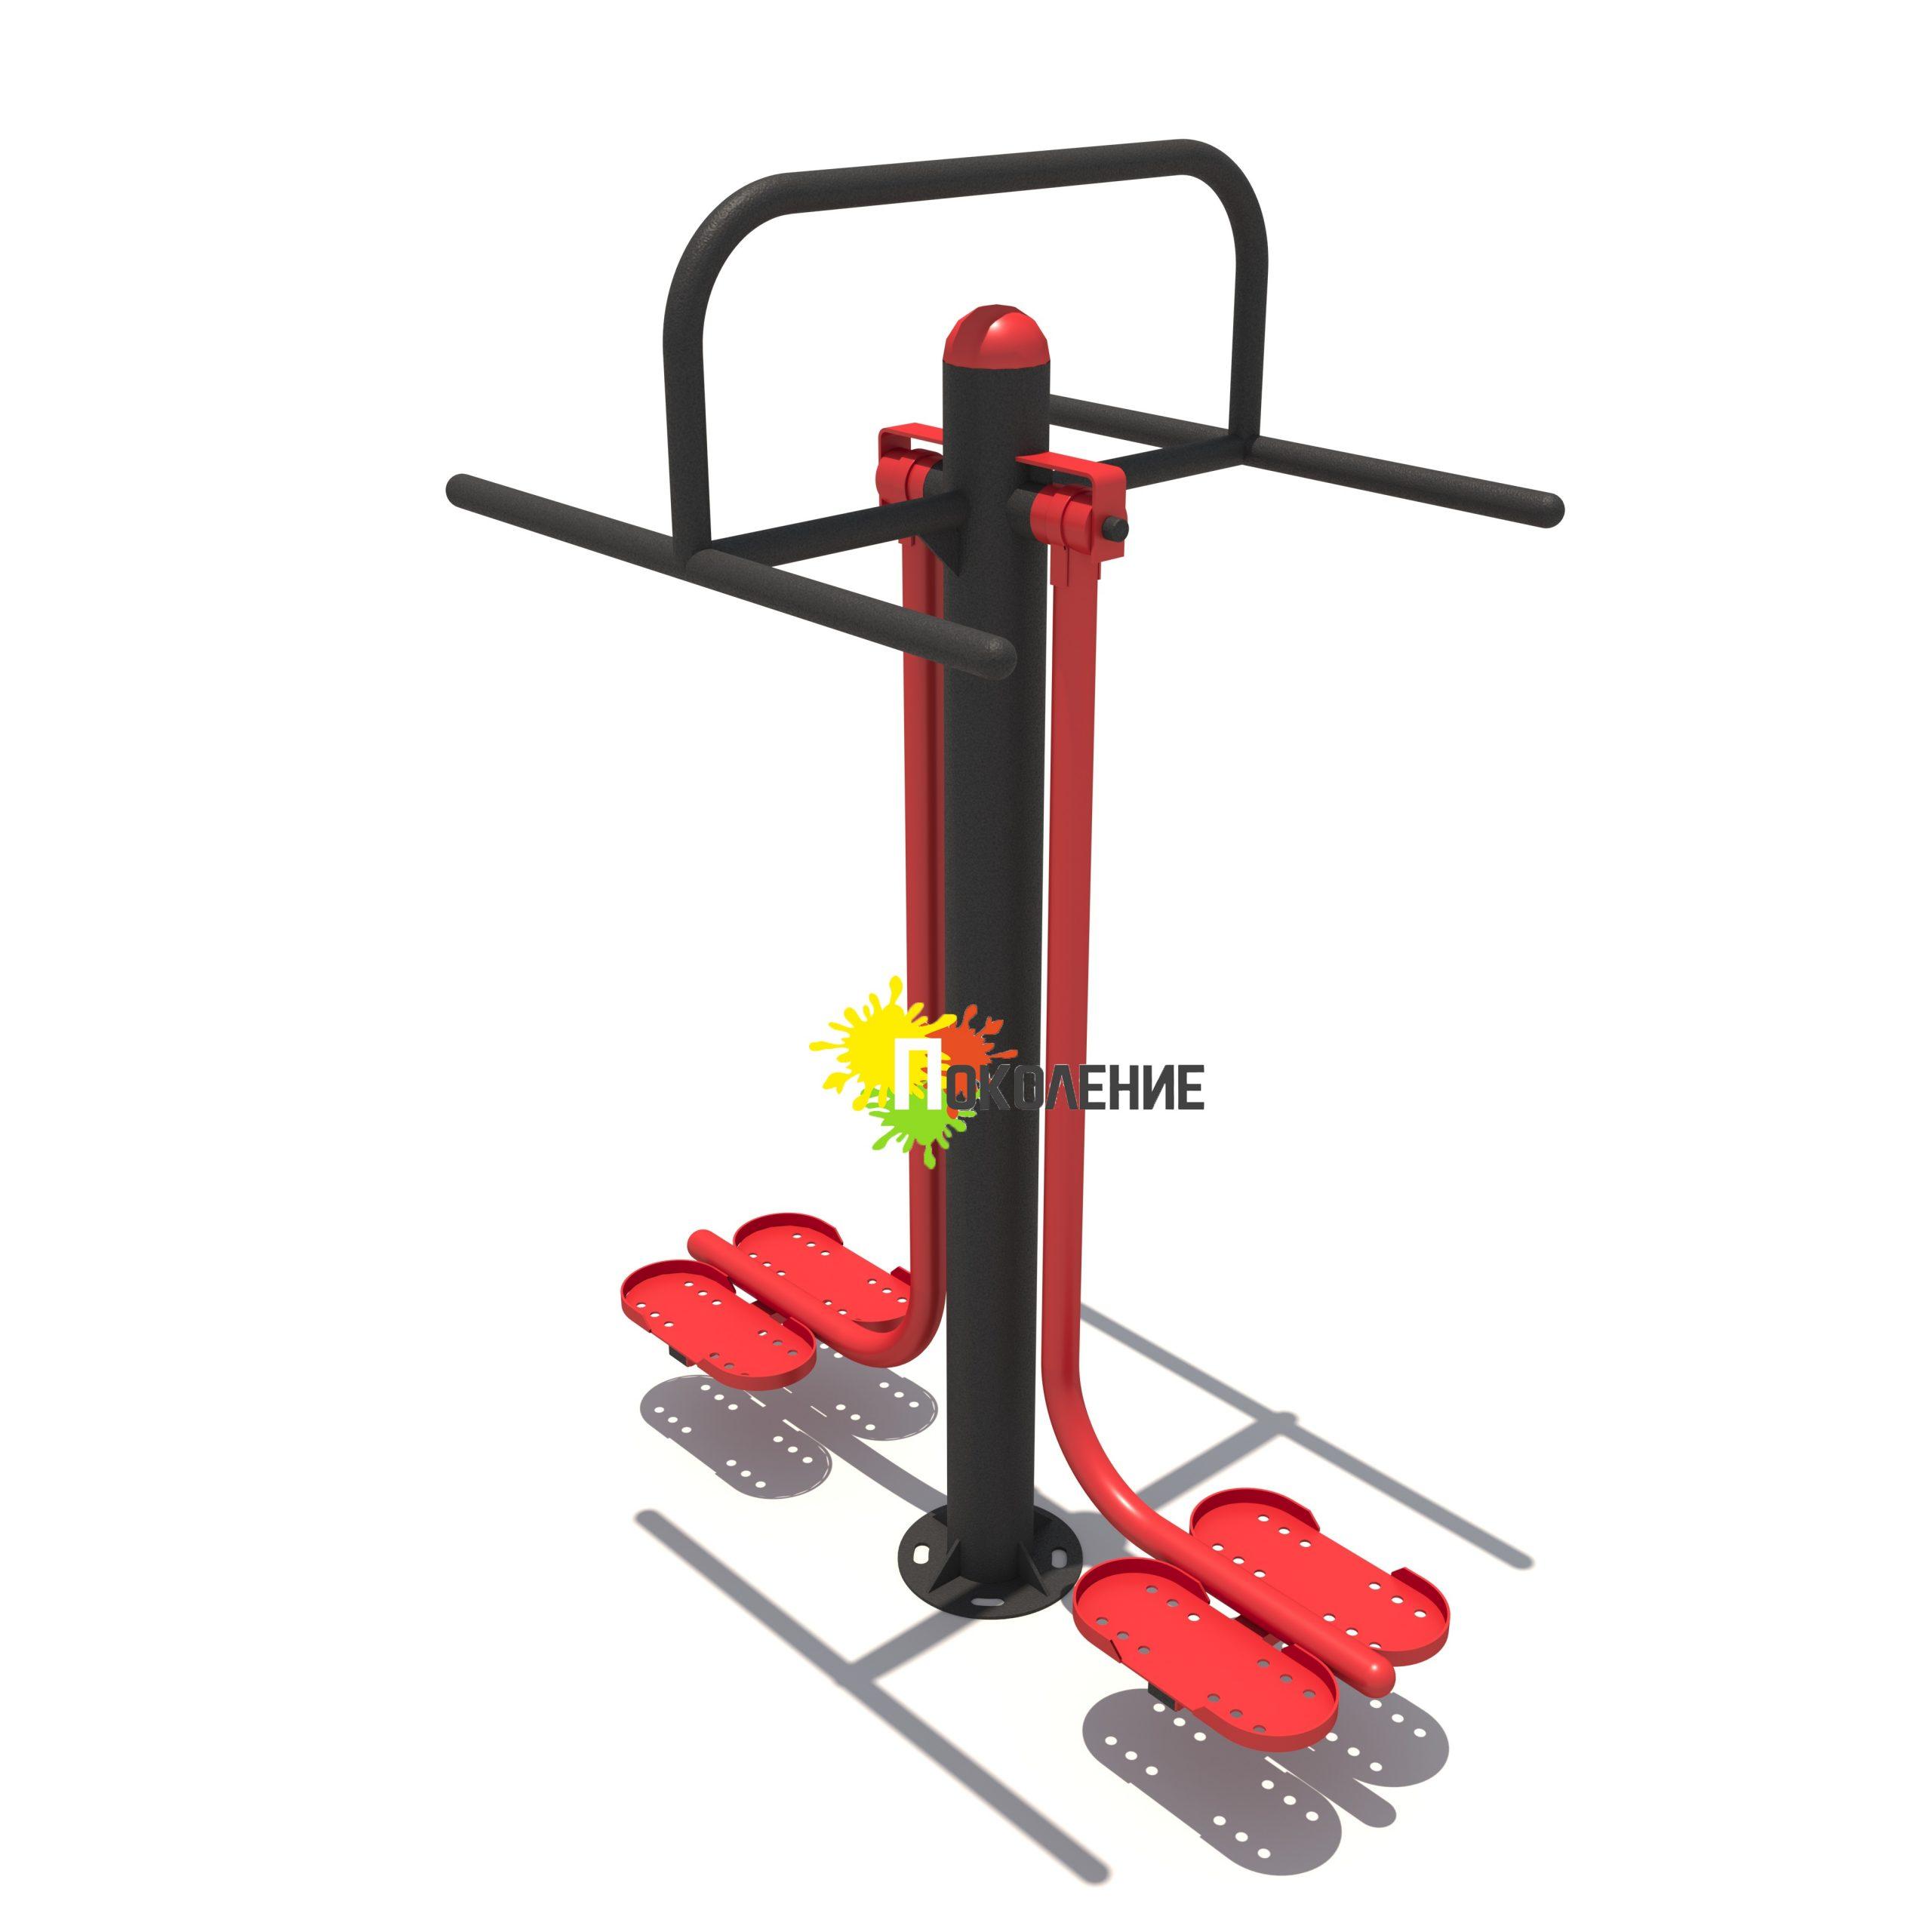 Тренажер для приводящих-отводящих мышц бедра Т-023